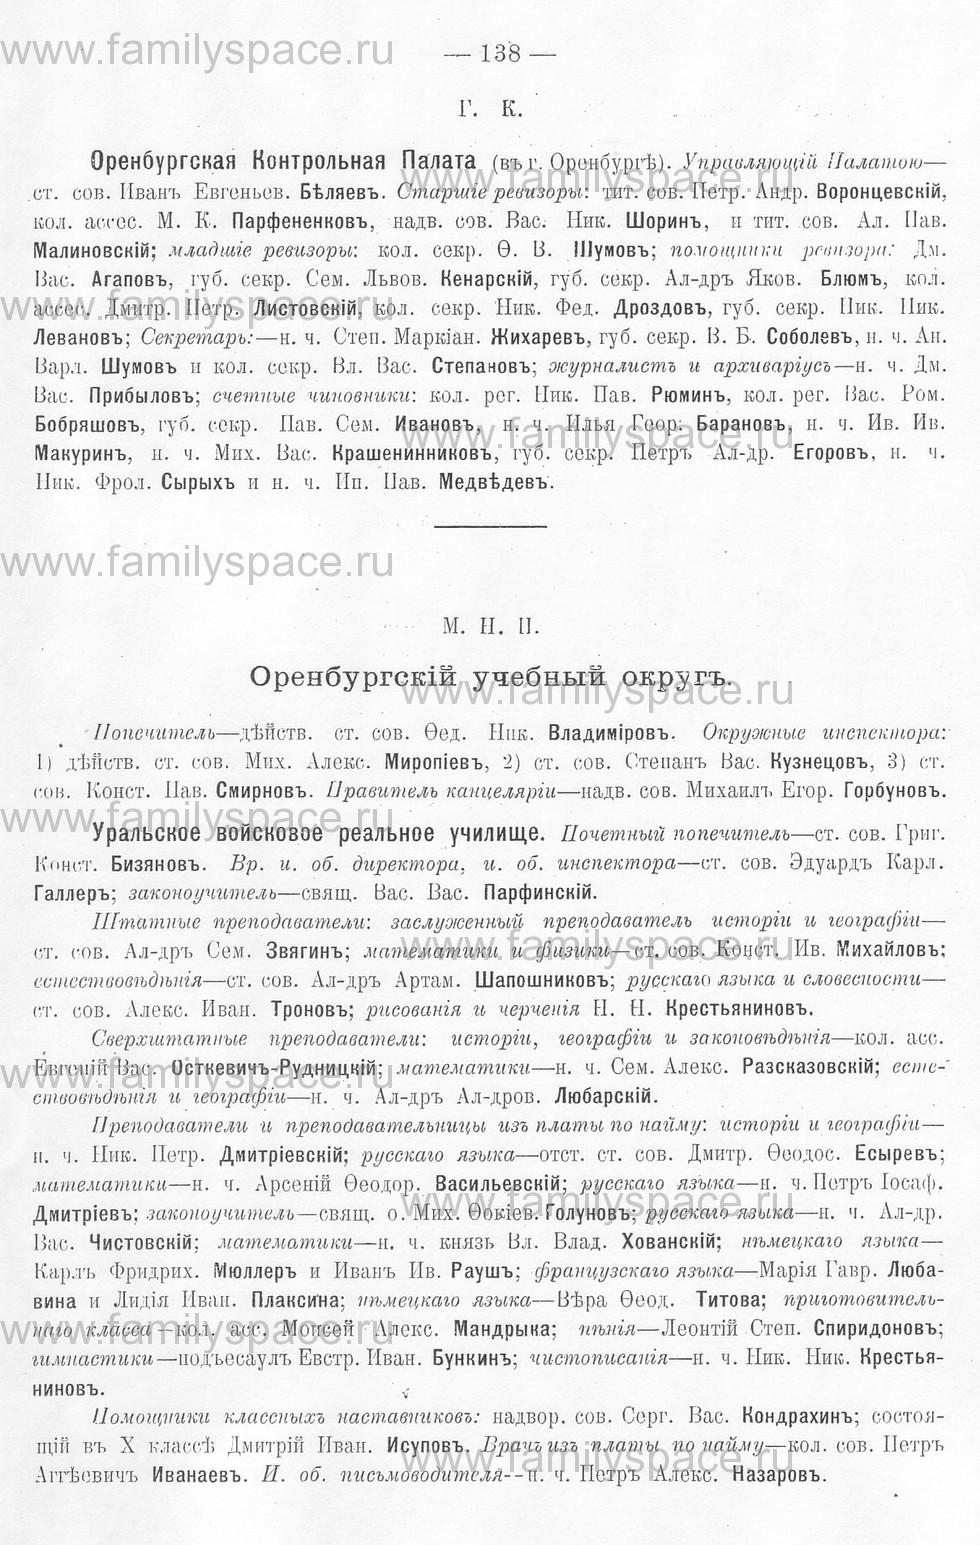 Поиск по фамилии - Памятная книжка Уральской области на 1913 год, страница 138